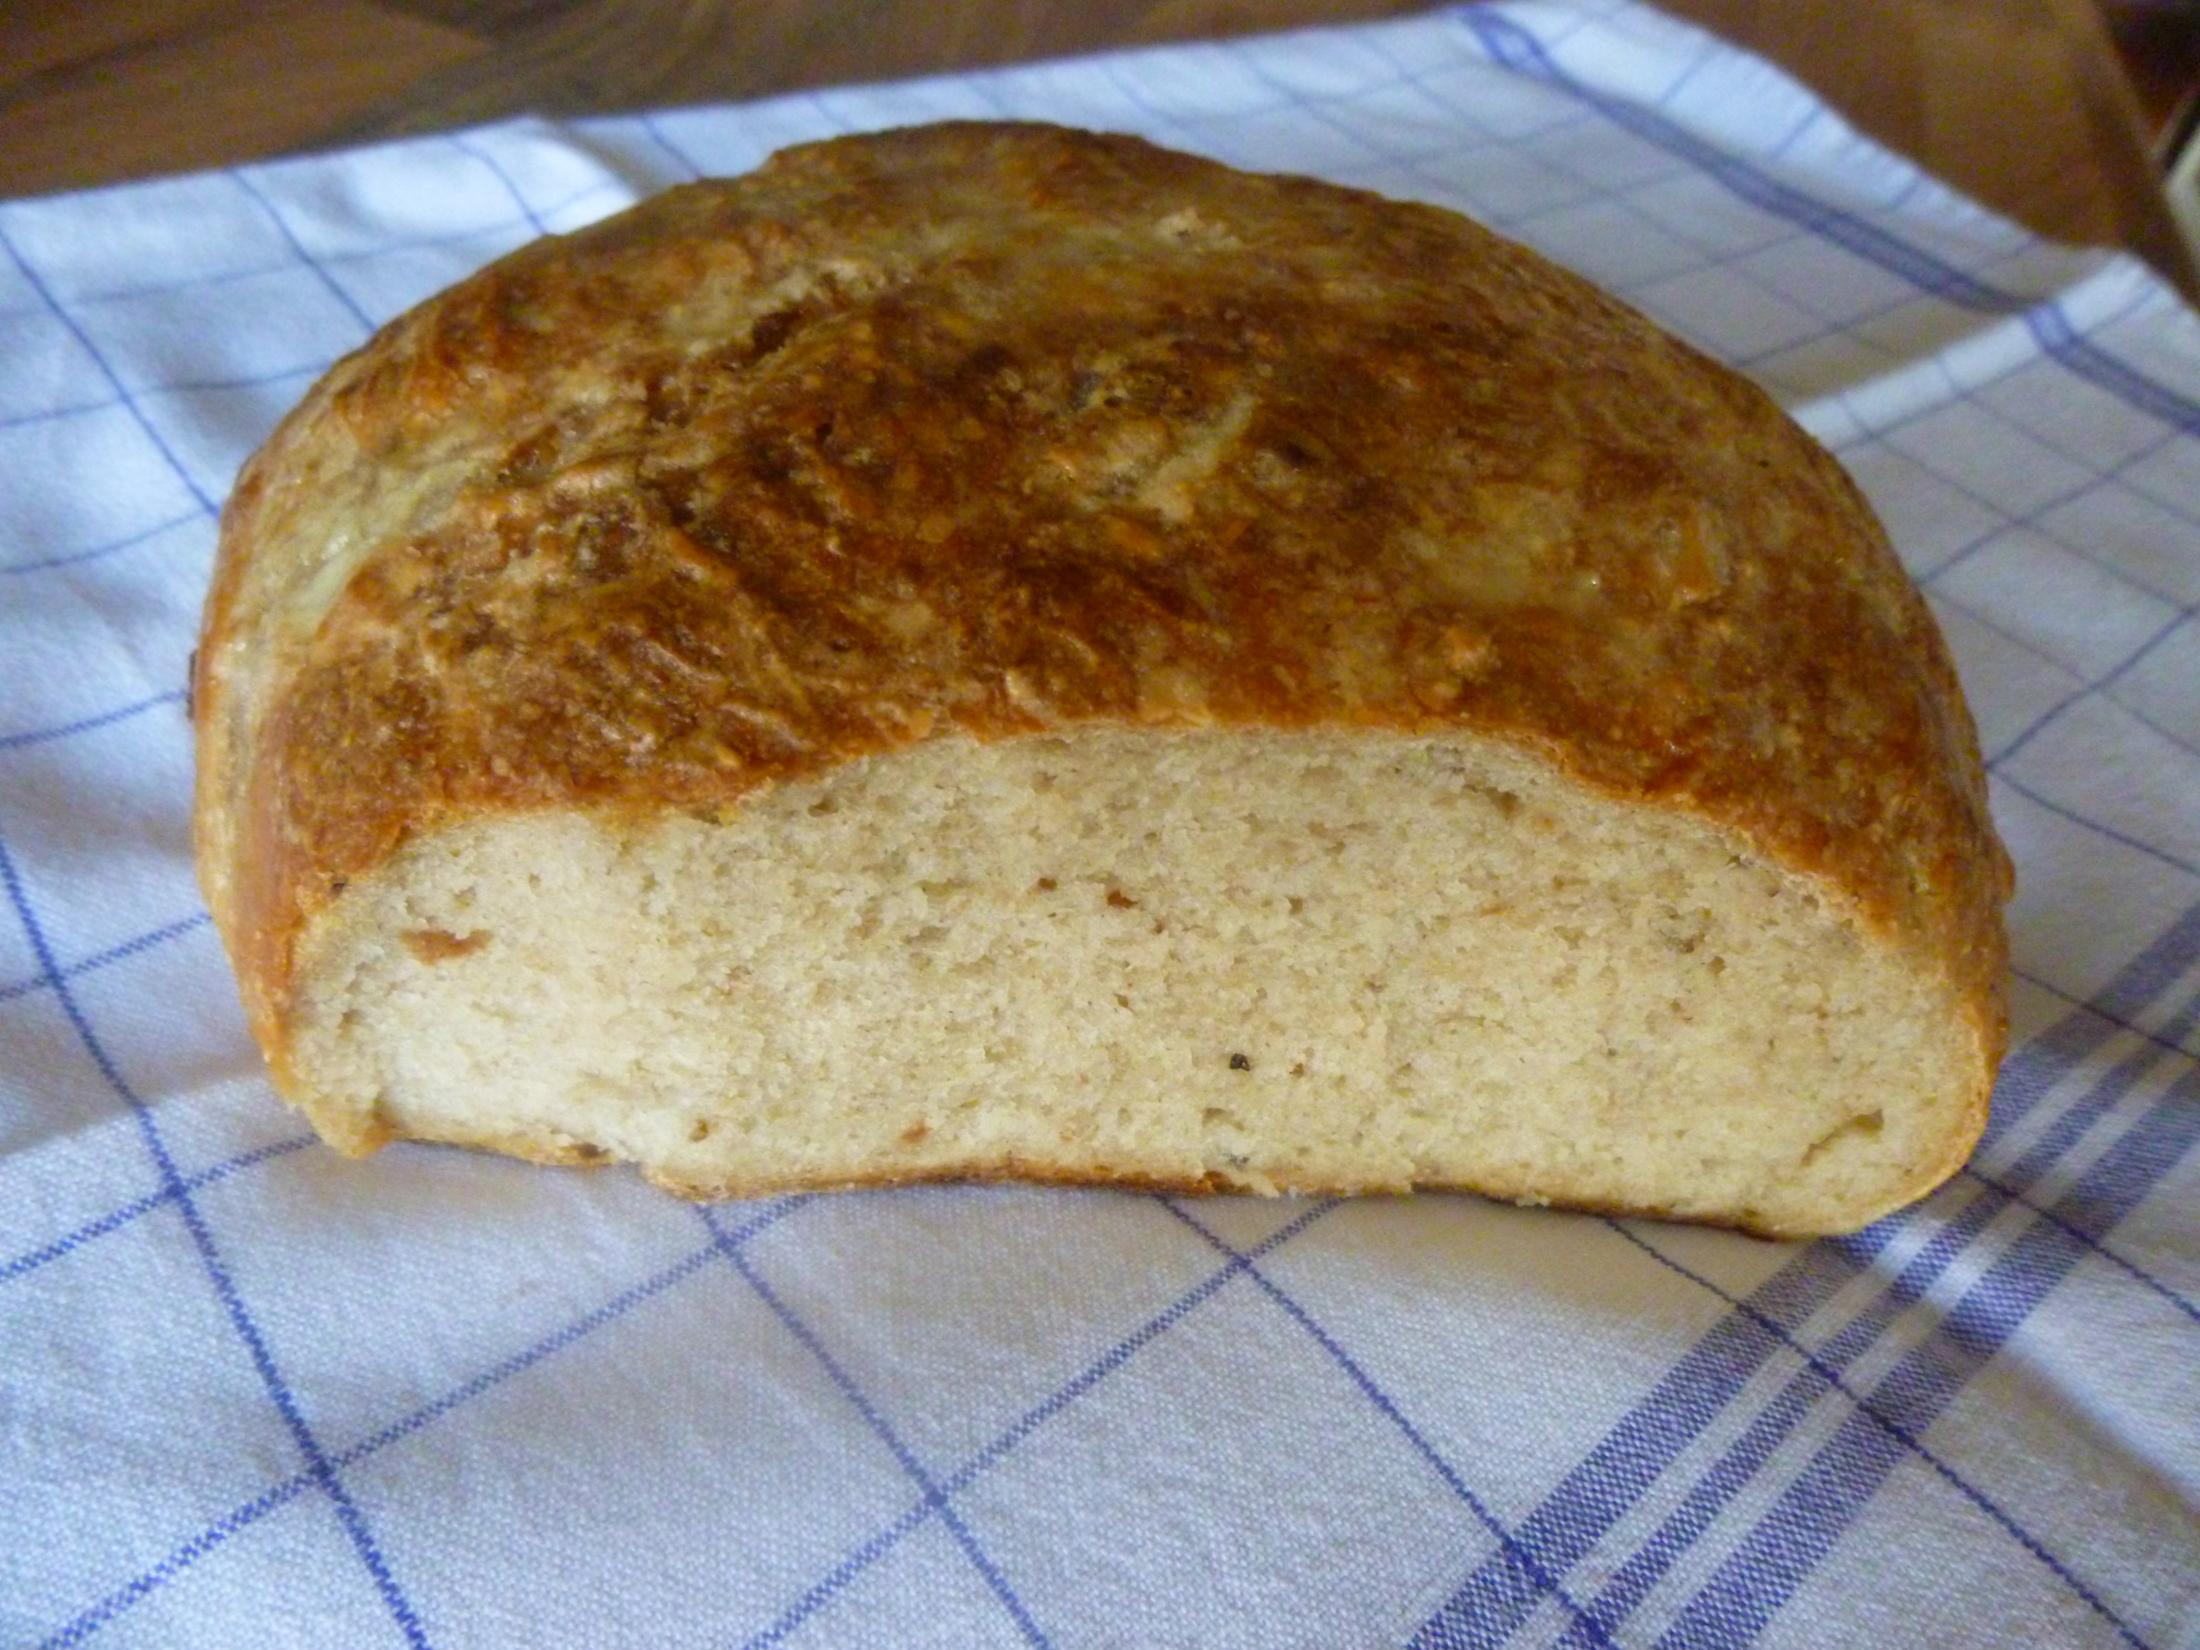 Recept Babiččin chleba - PO UPEČENÍ ZABALIT DO MOKRÉ UTĚRKY, KŘUPAVÁ KŮRKA***